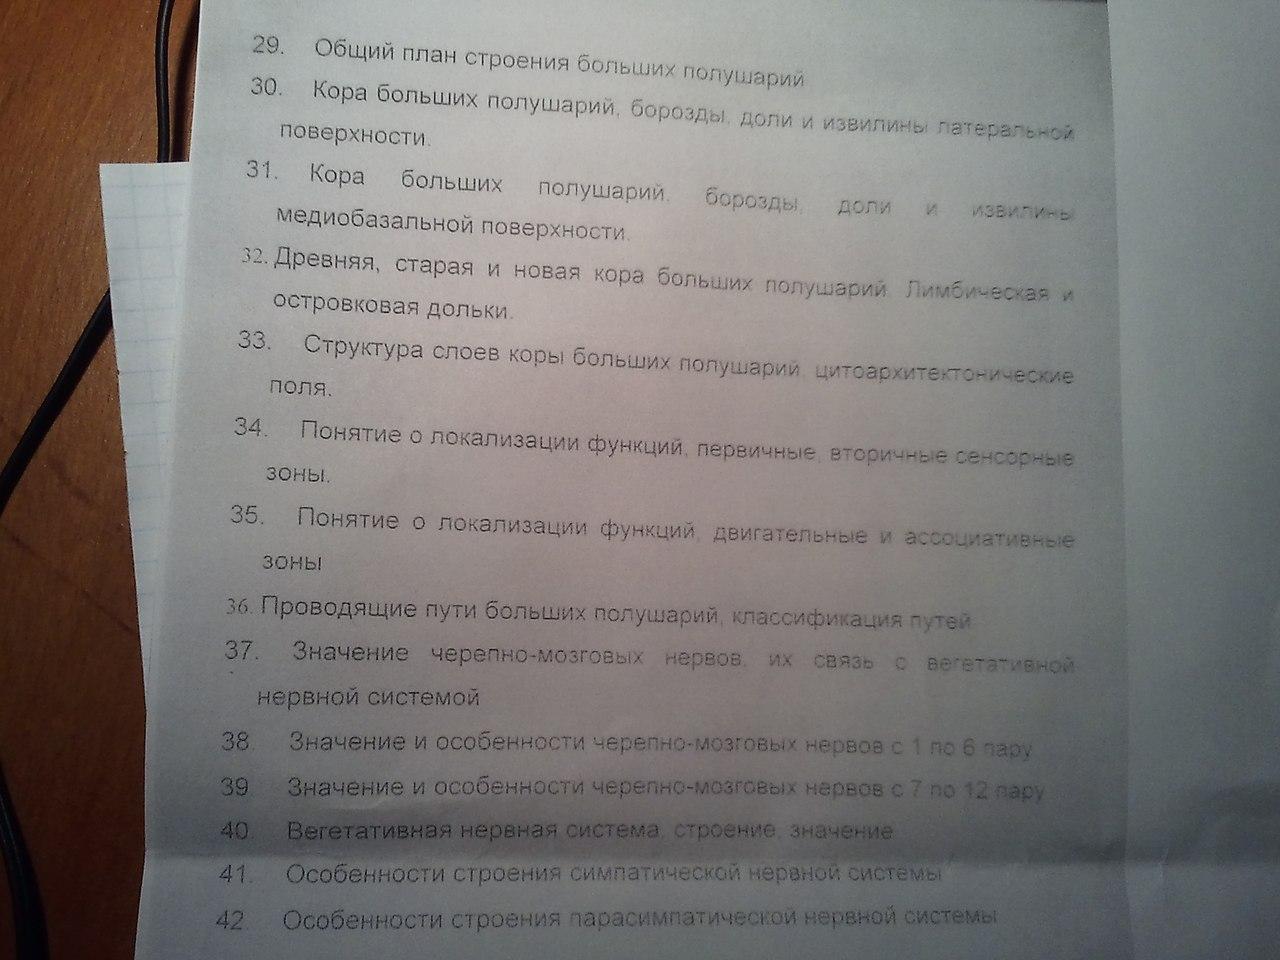 РГМУ Российский государственный медицинский университет